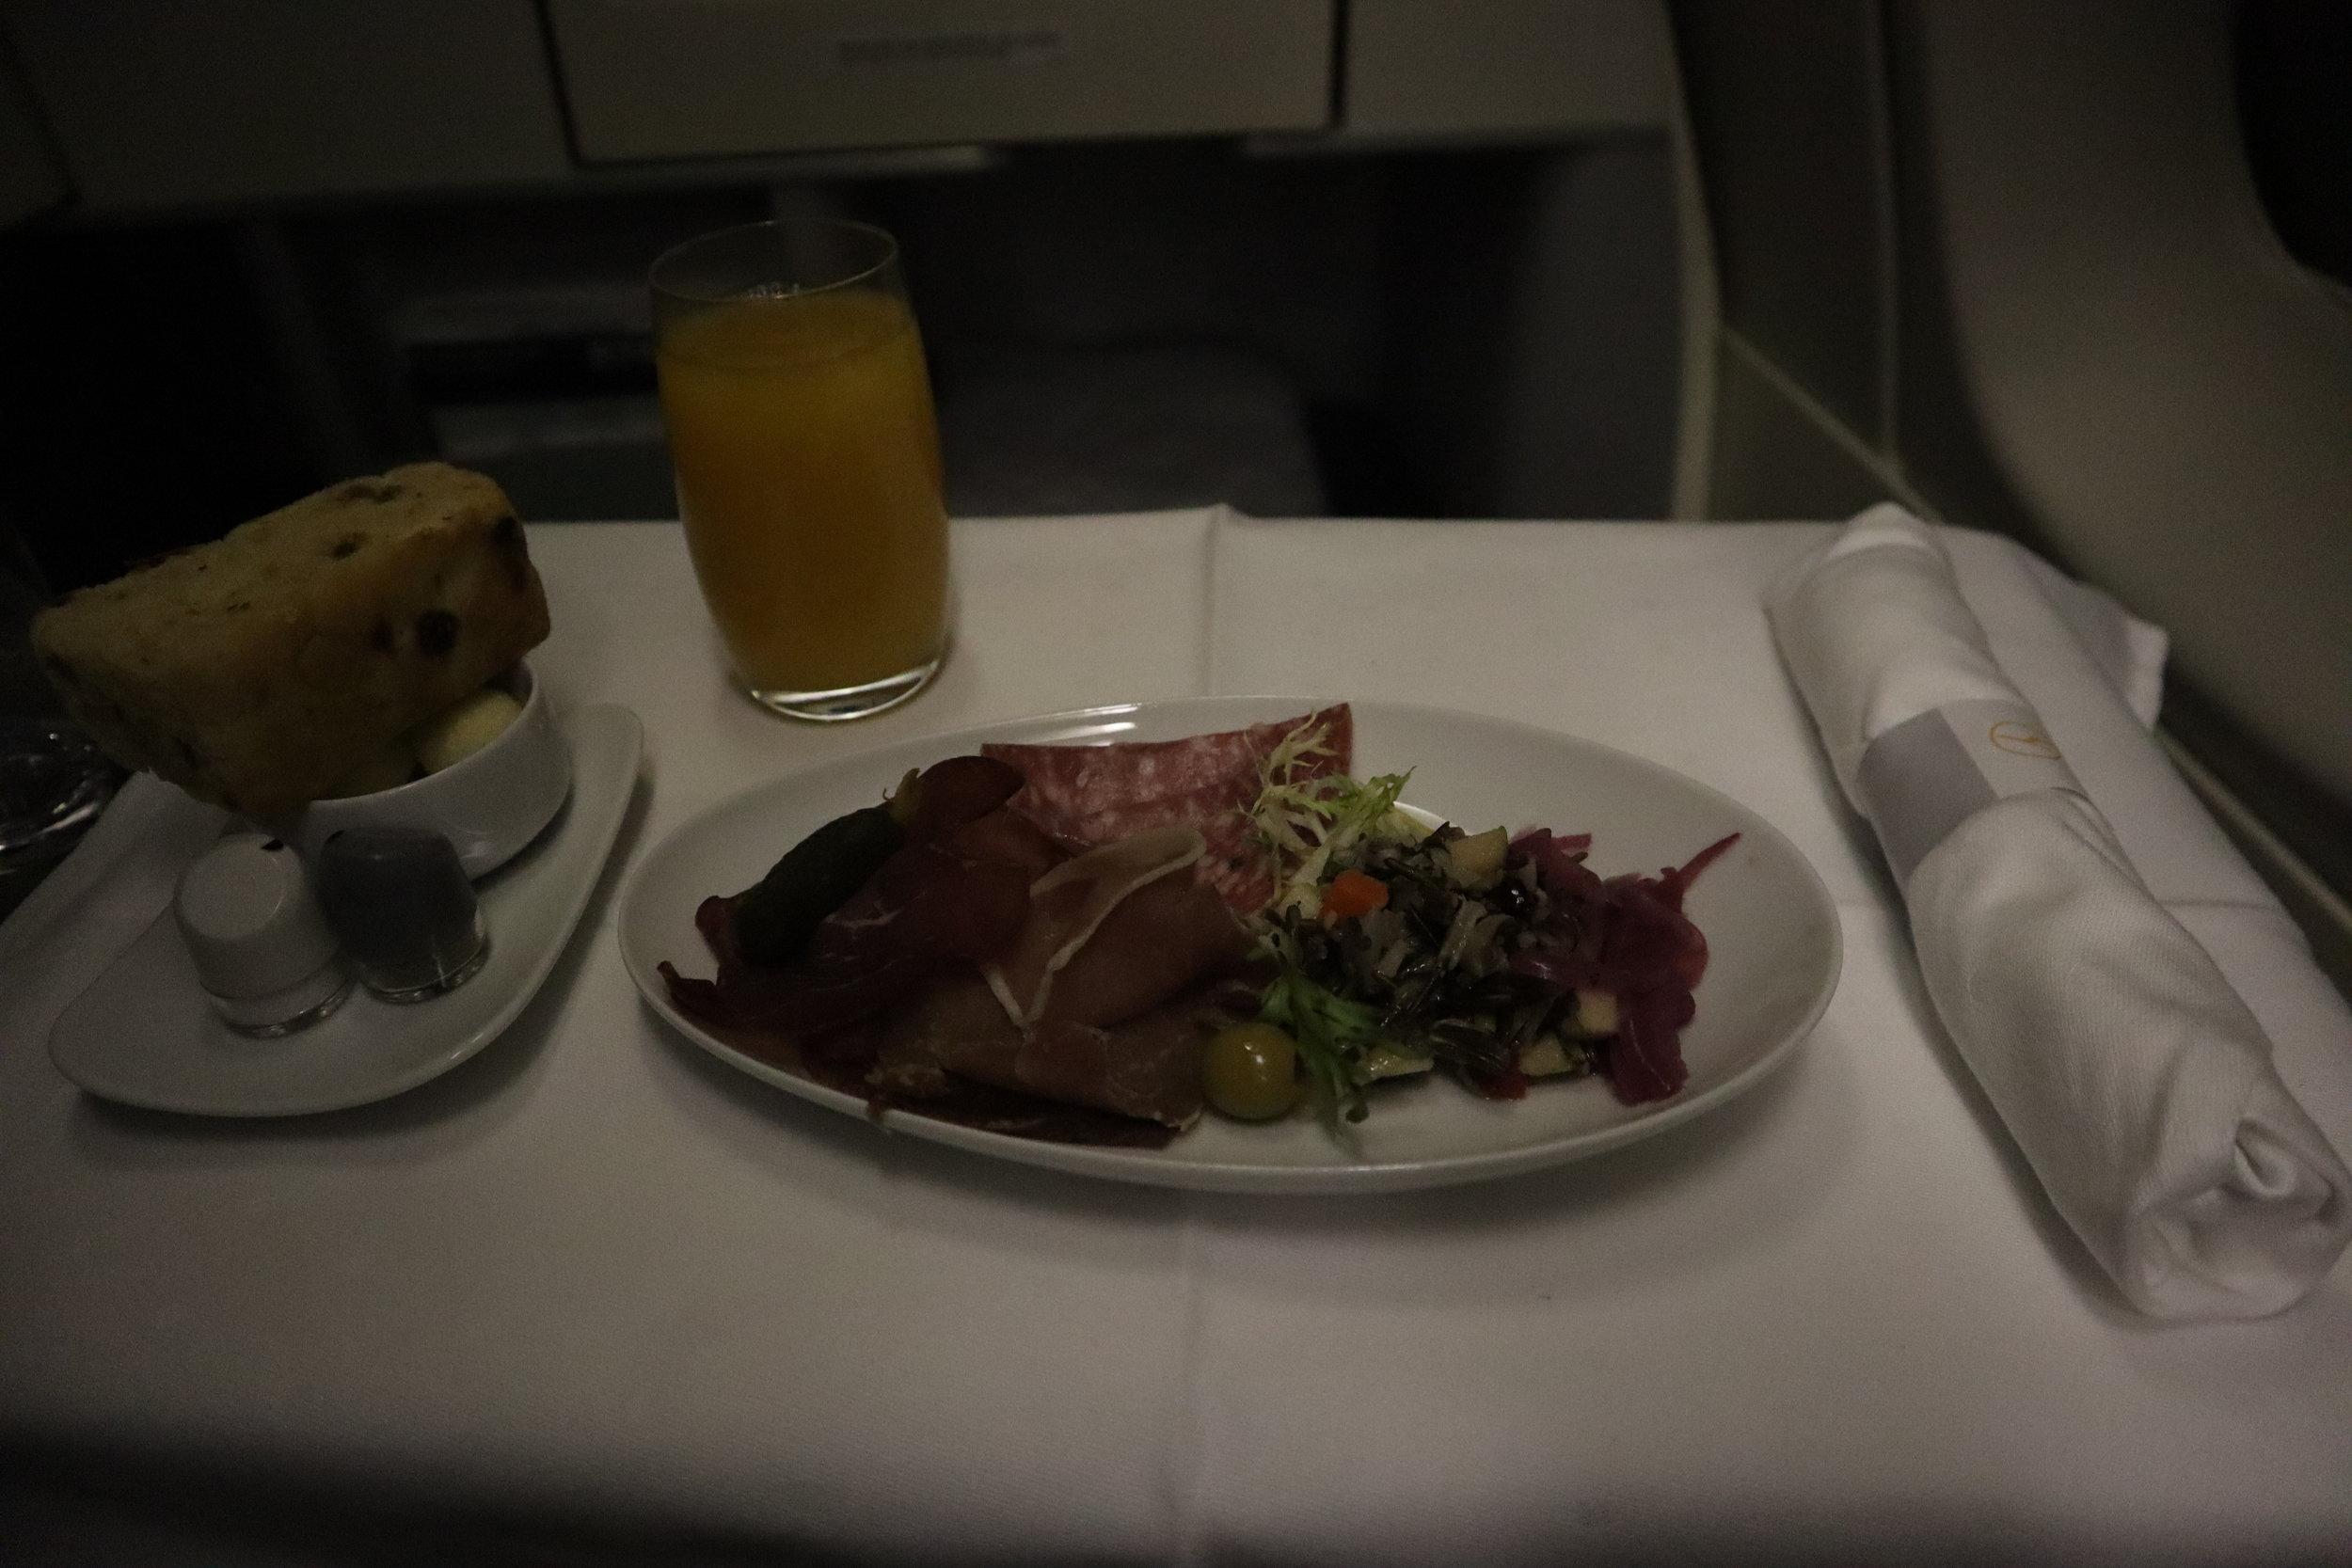 Lufthansa 747-400 business class – Charcuterie plate